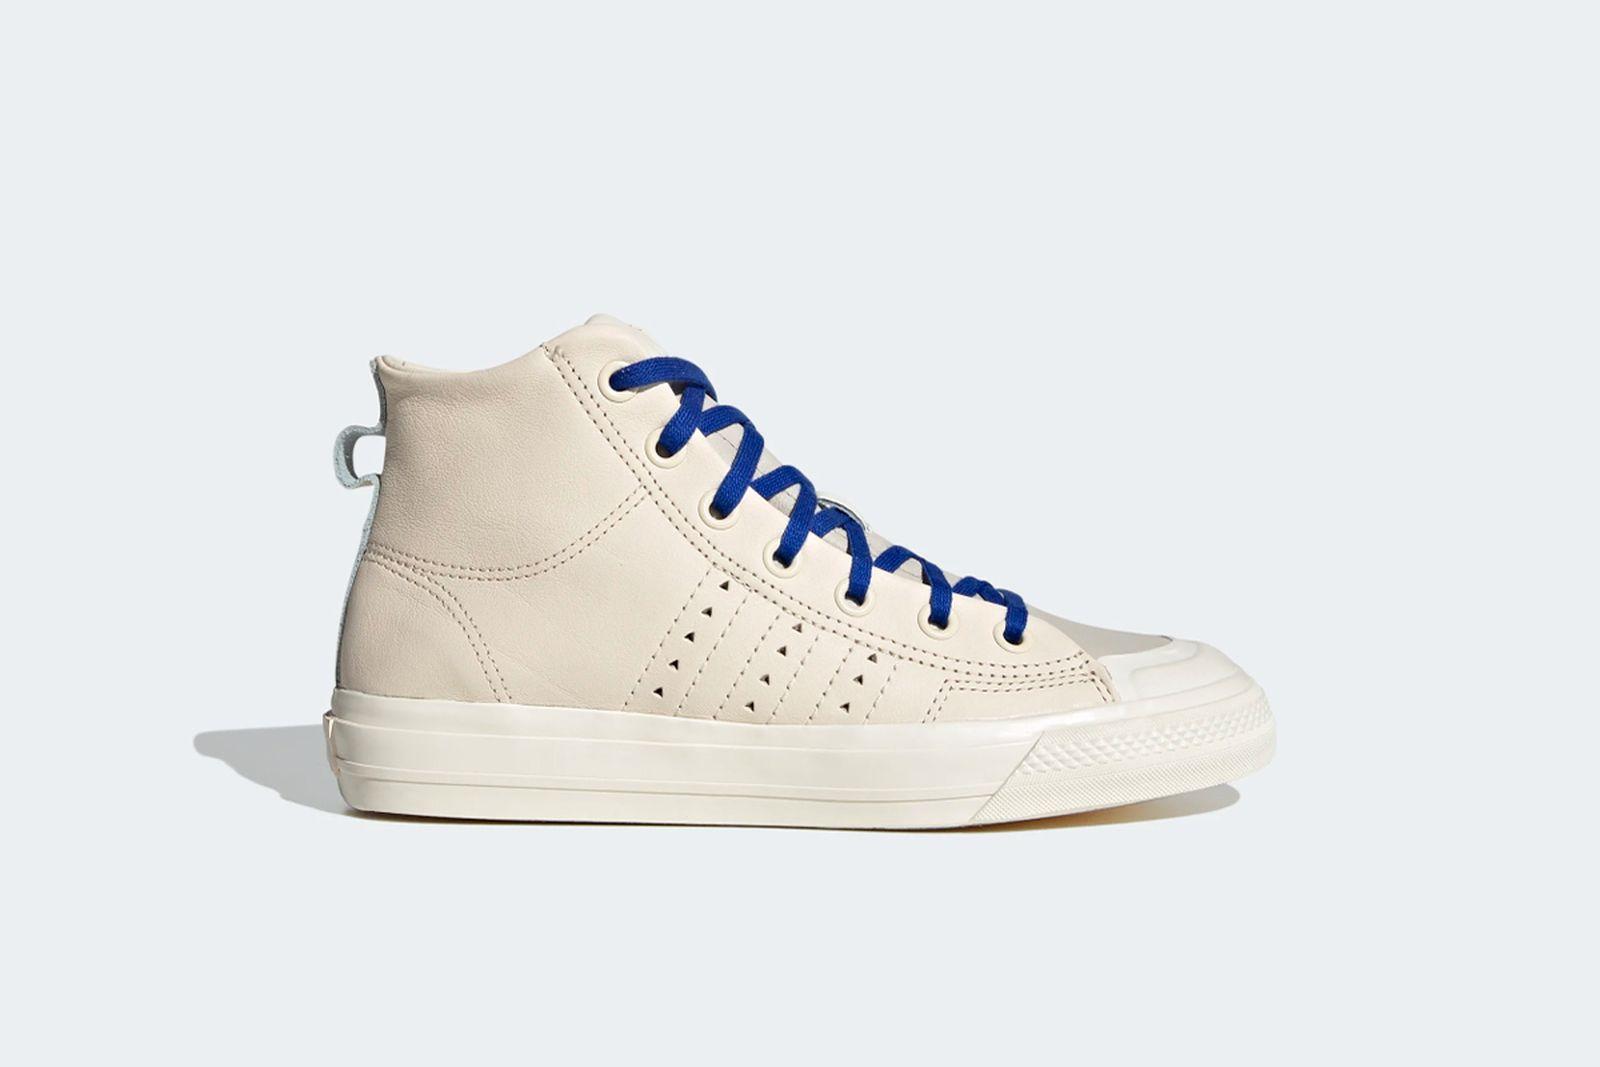 Pharrell Williams x Adidas 2020 Nizza Hi RF Sneaker